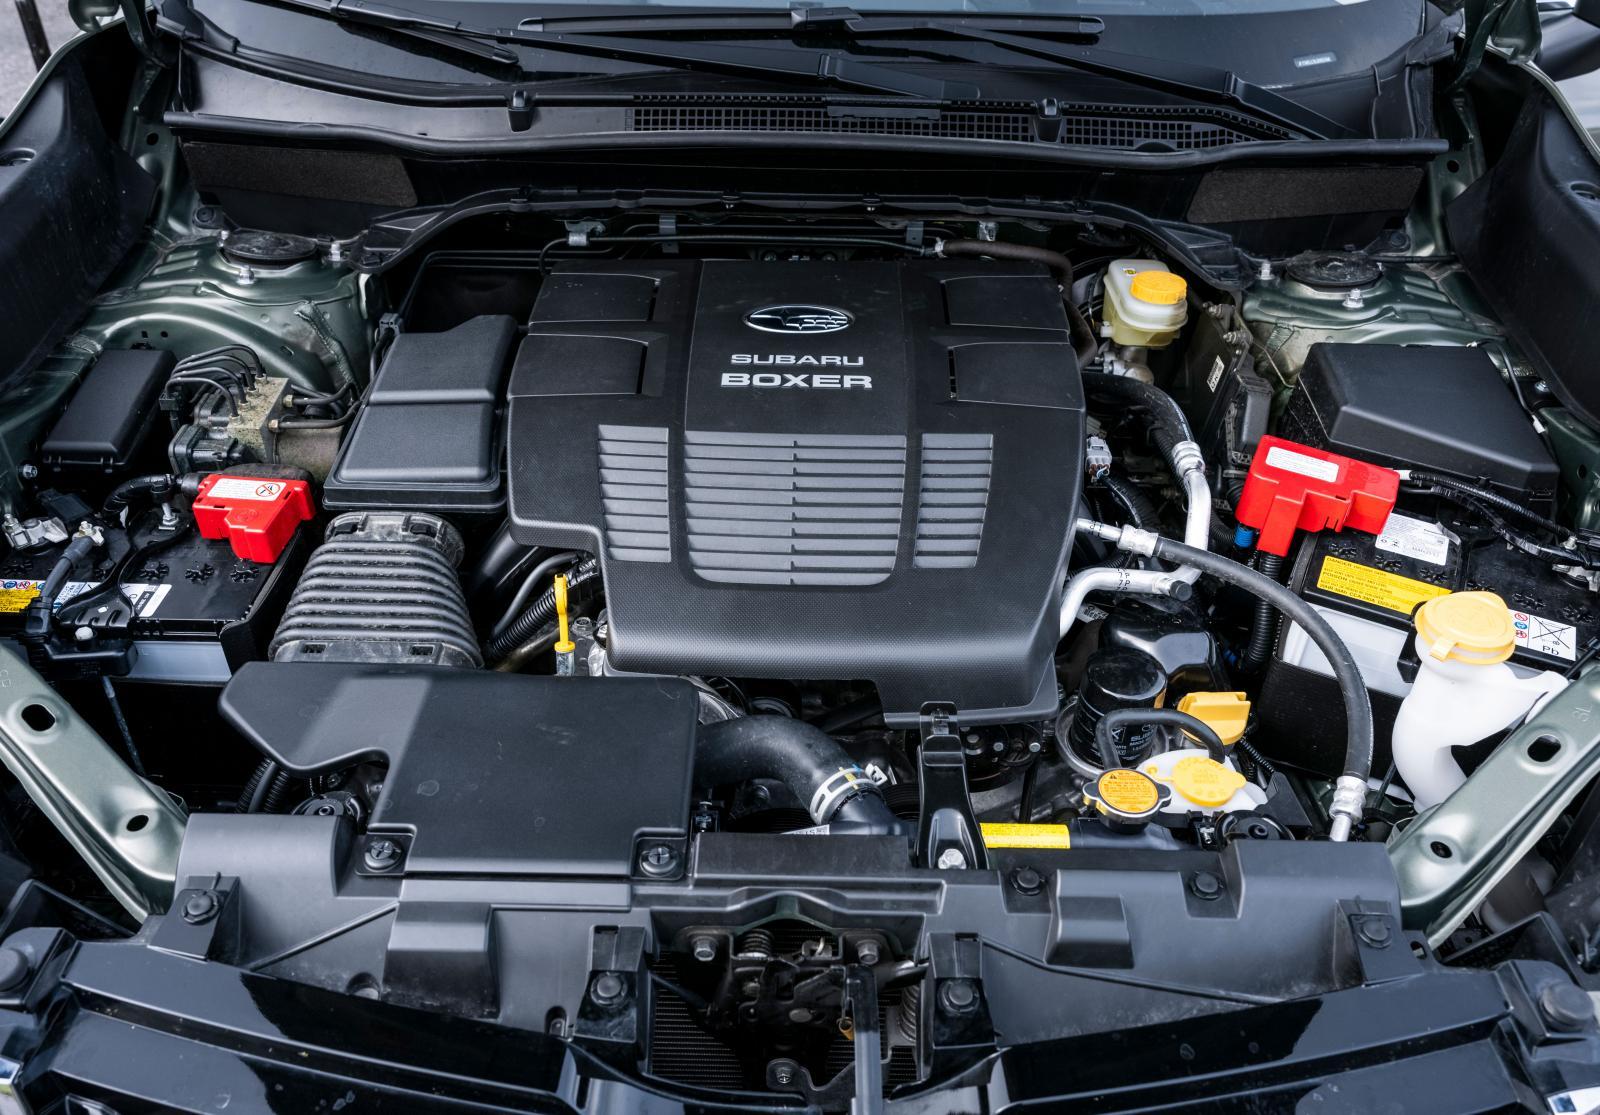 Oväntat snål, visst, men Subaru skulle behöva en rejäl hästkraftspark för att motorkaraktären skulle leva upp till bilens övriga goda egenskaper.